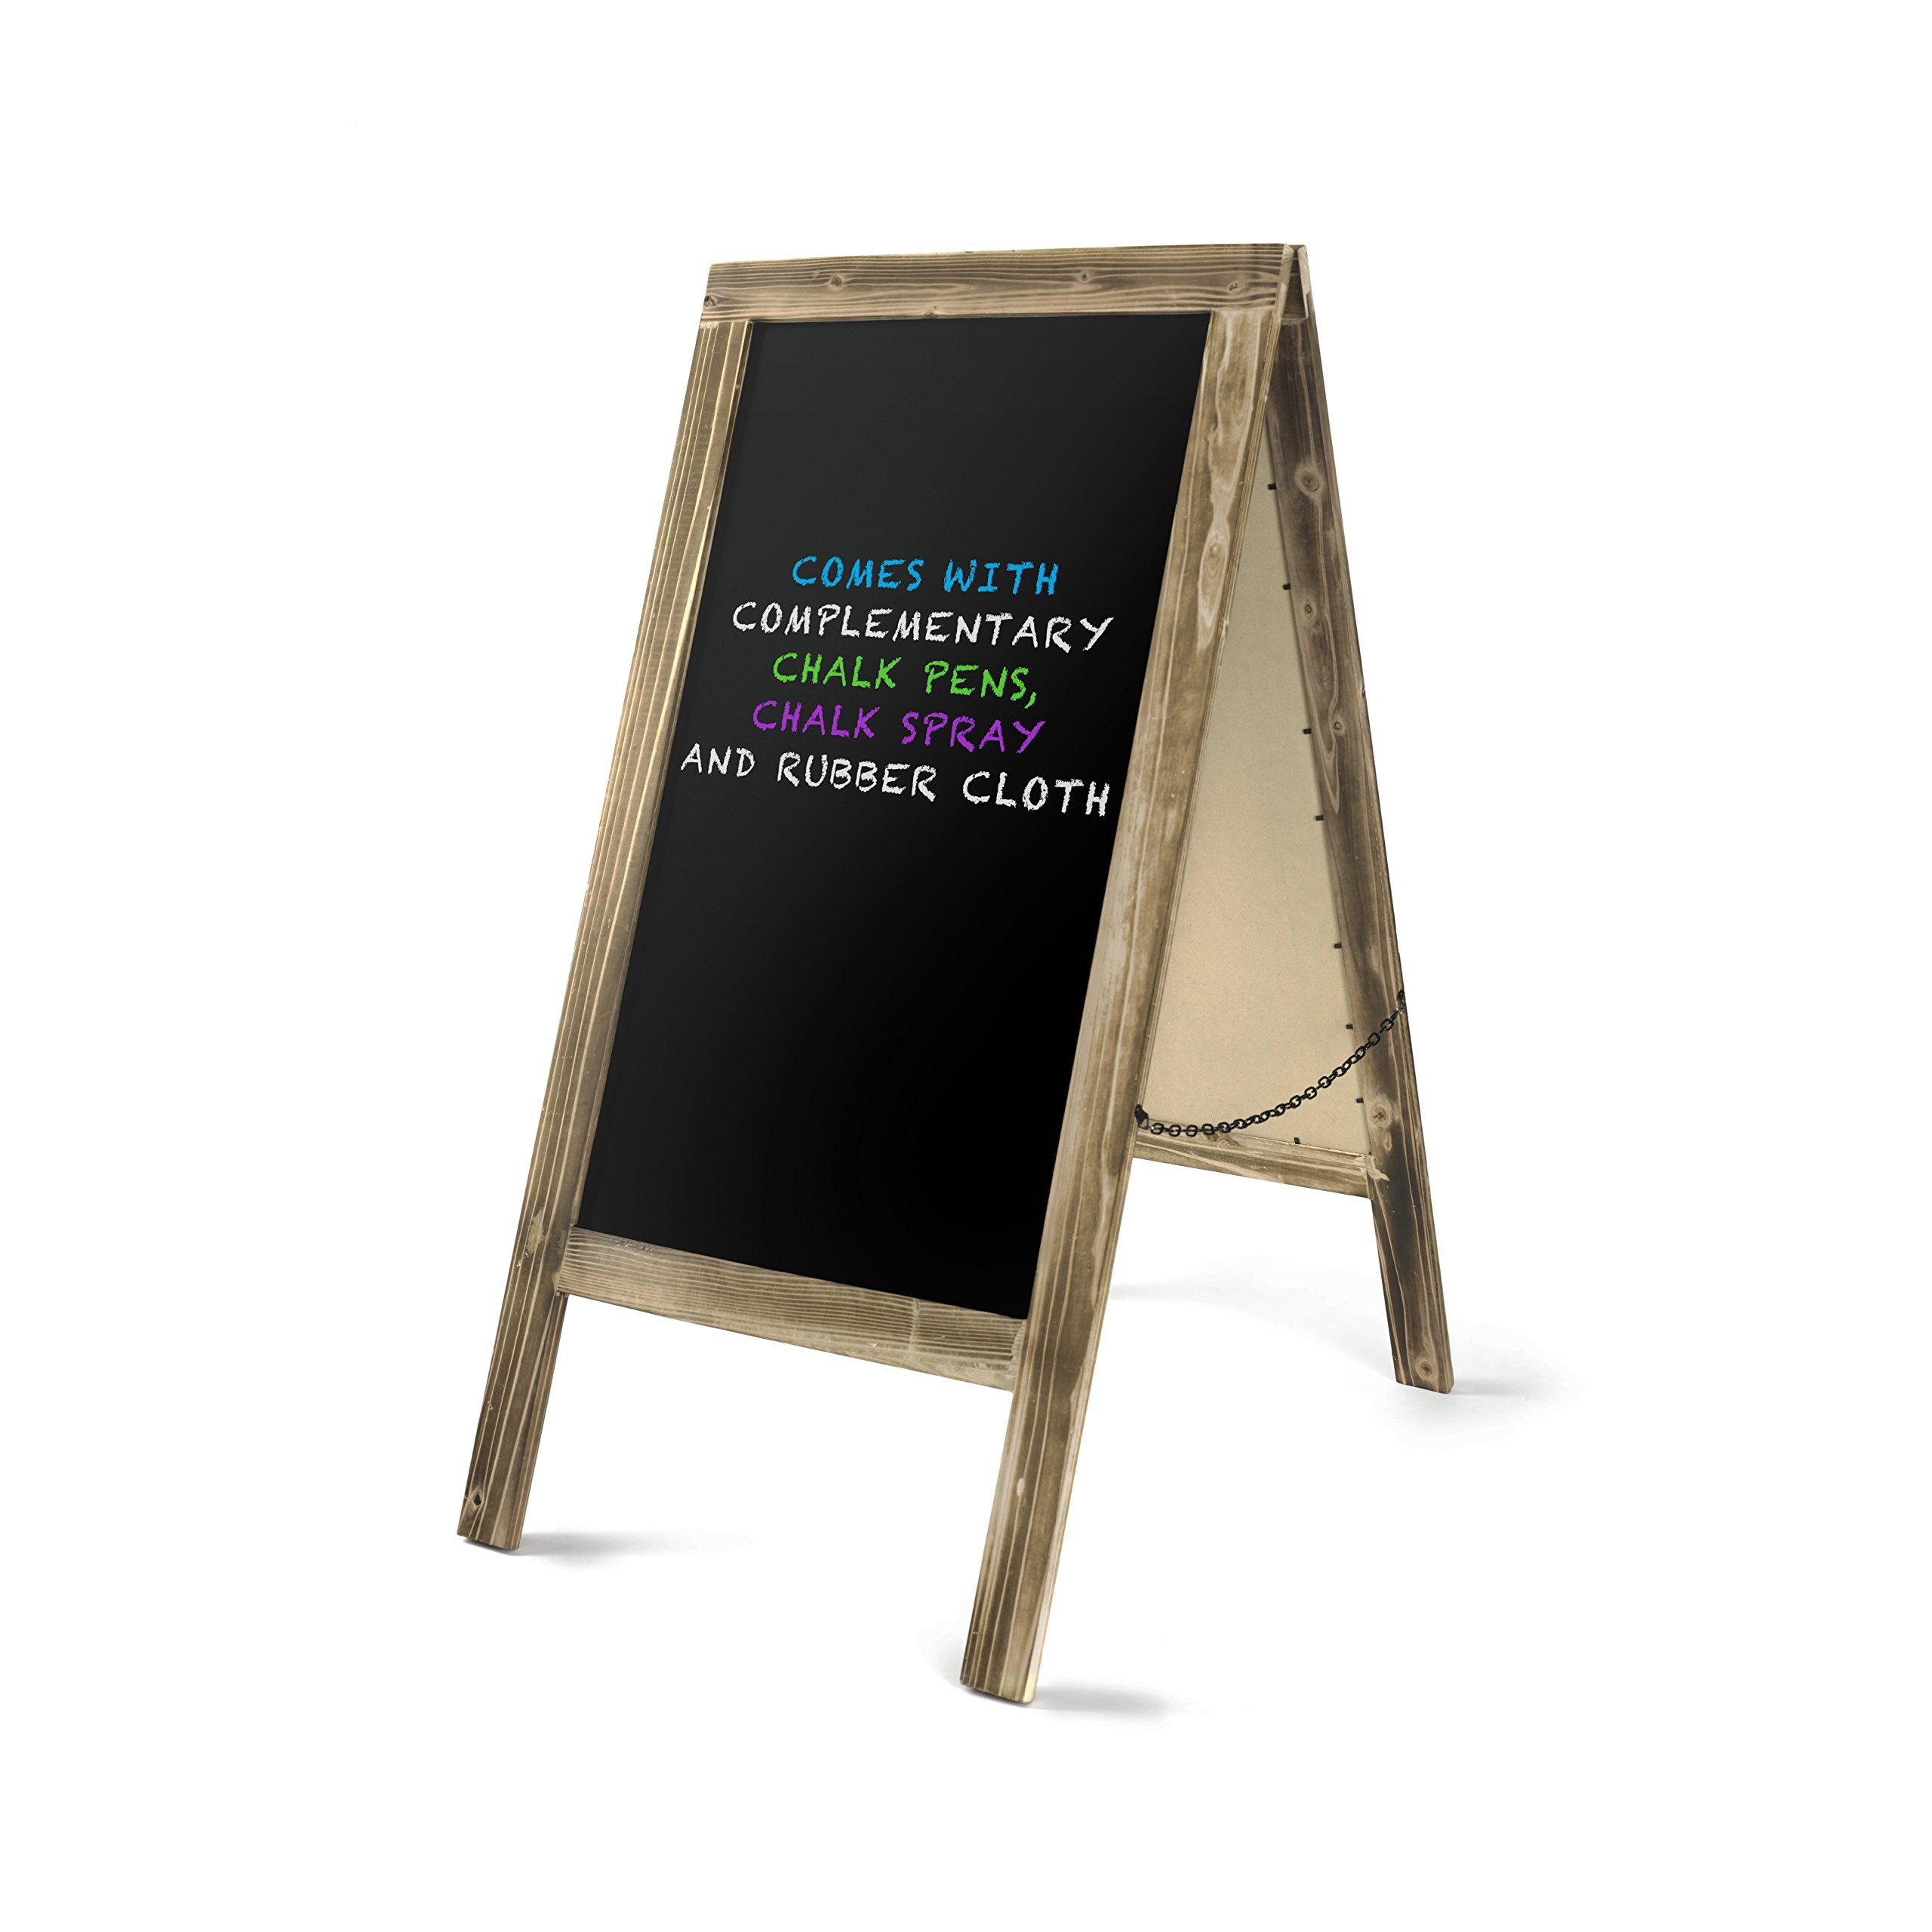 Rustic Wooden A Frame Chalkboard Freestanding Sidewalk